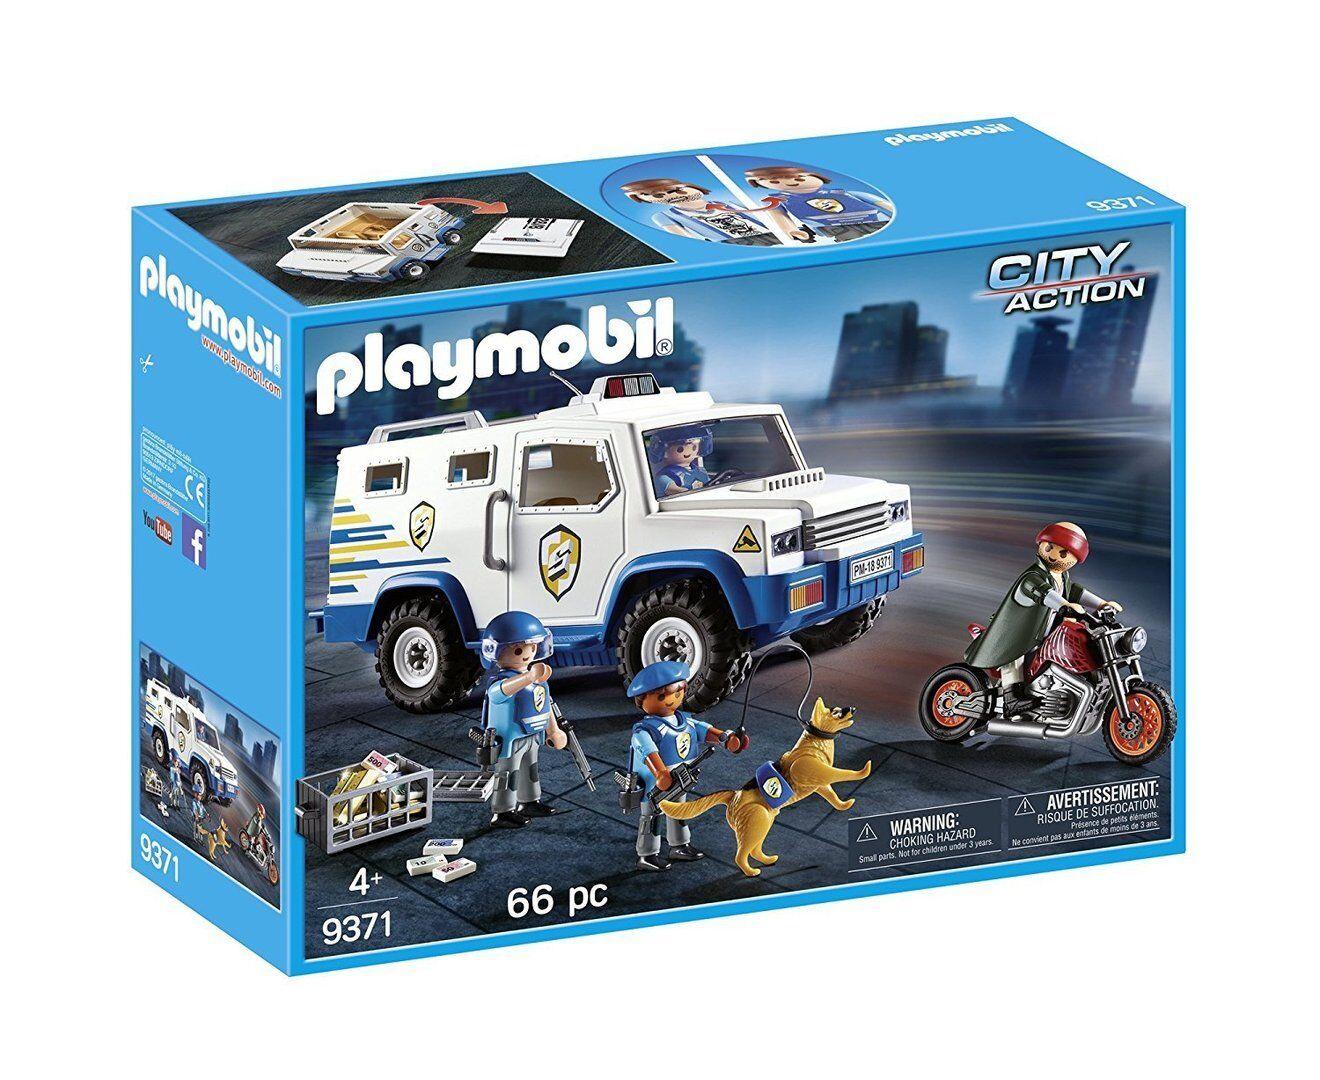 Playmobil City Action - Policía: Vehículo Blindado - NUEVO